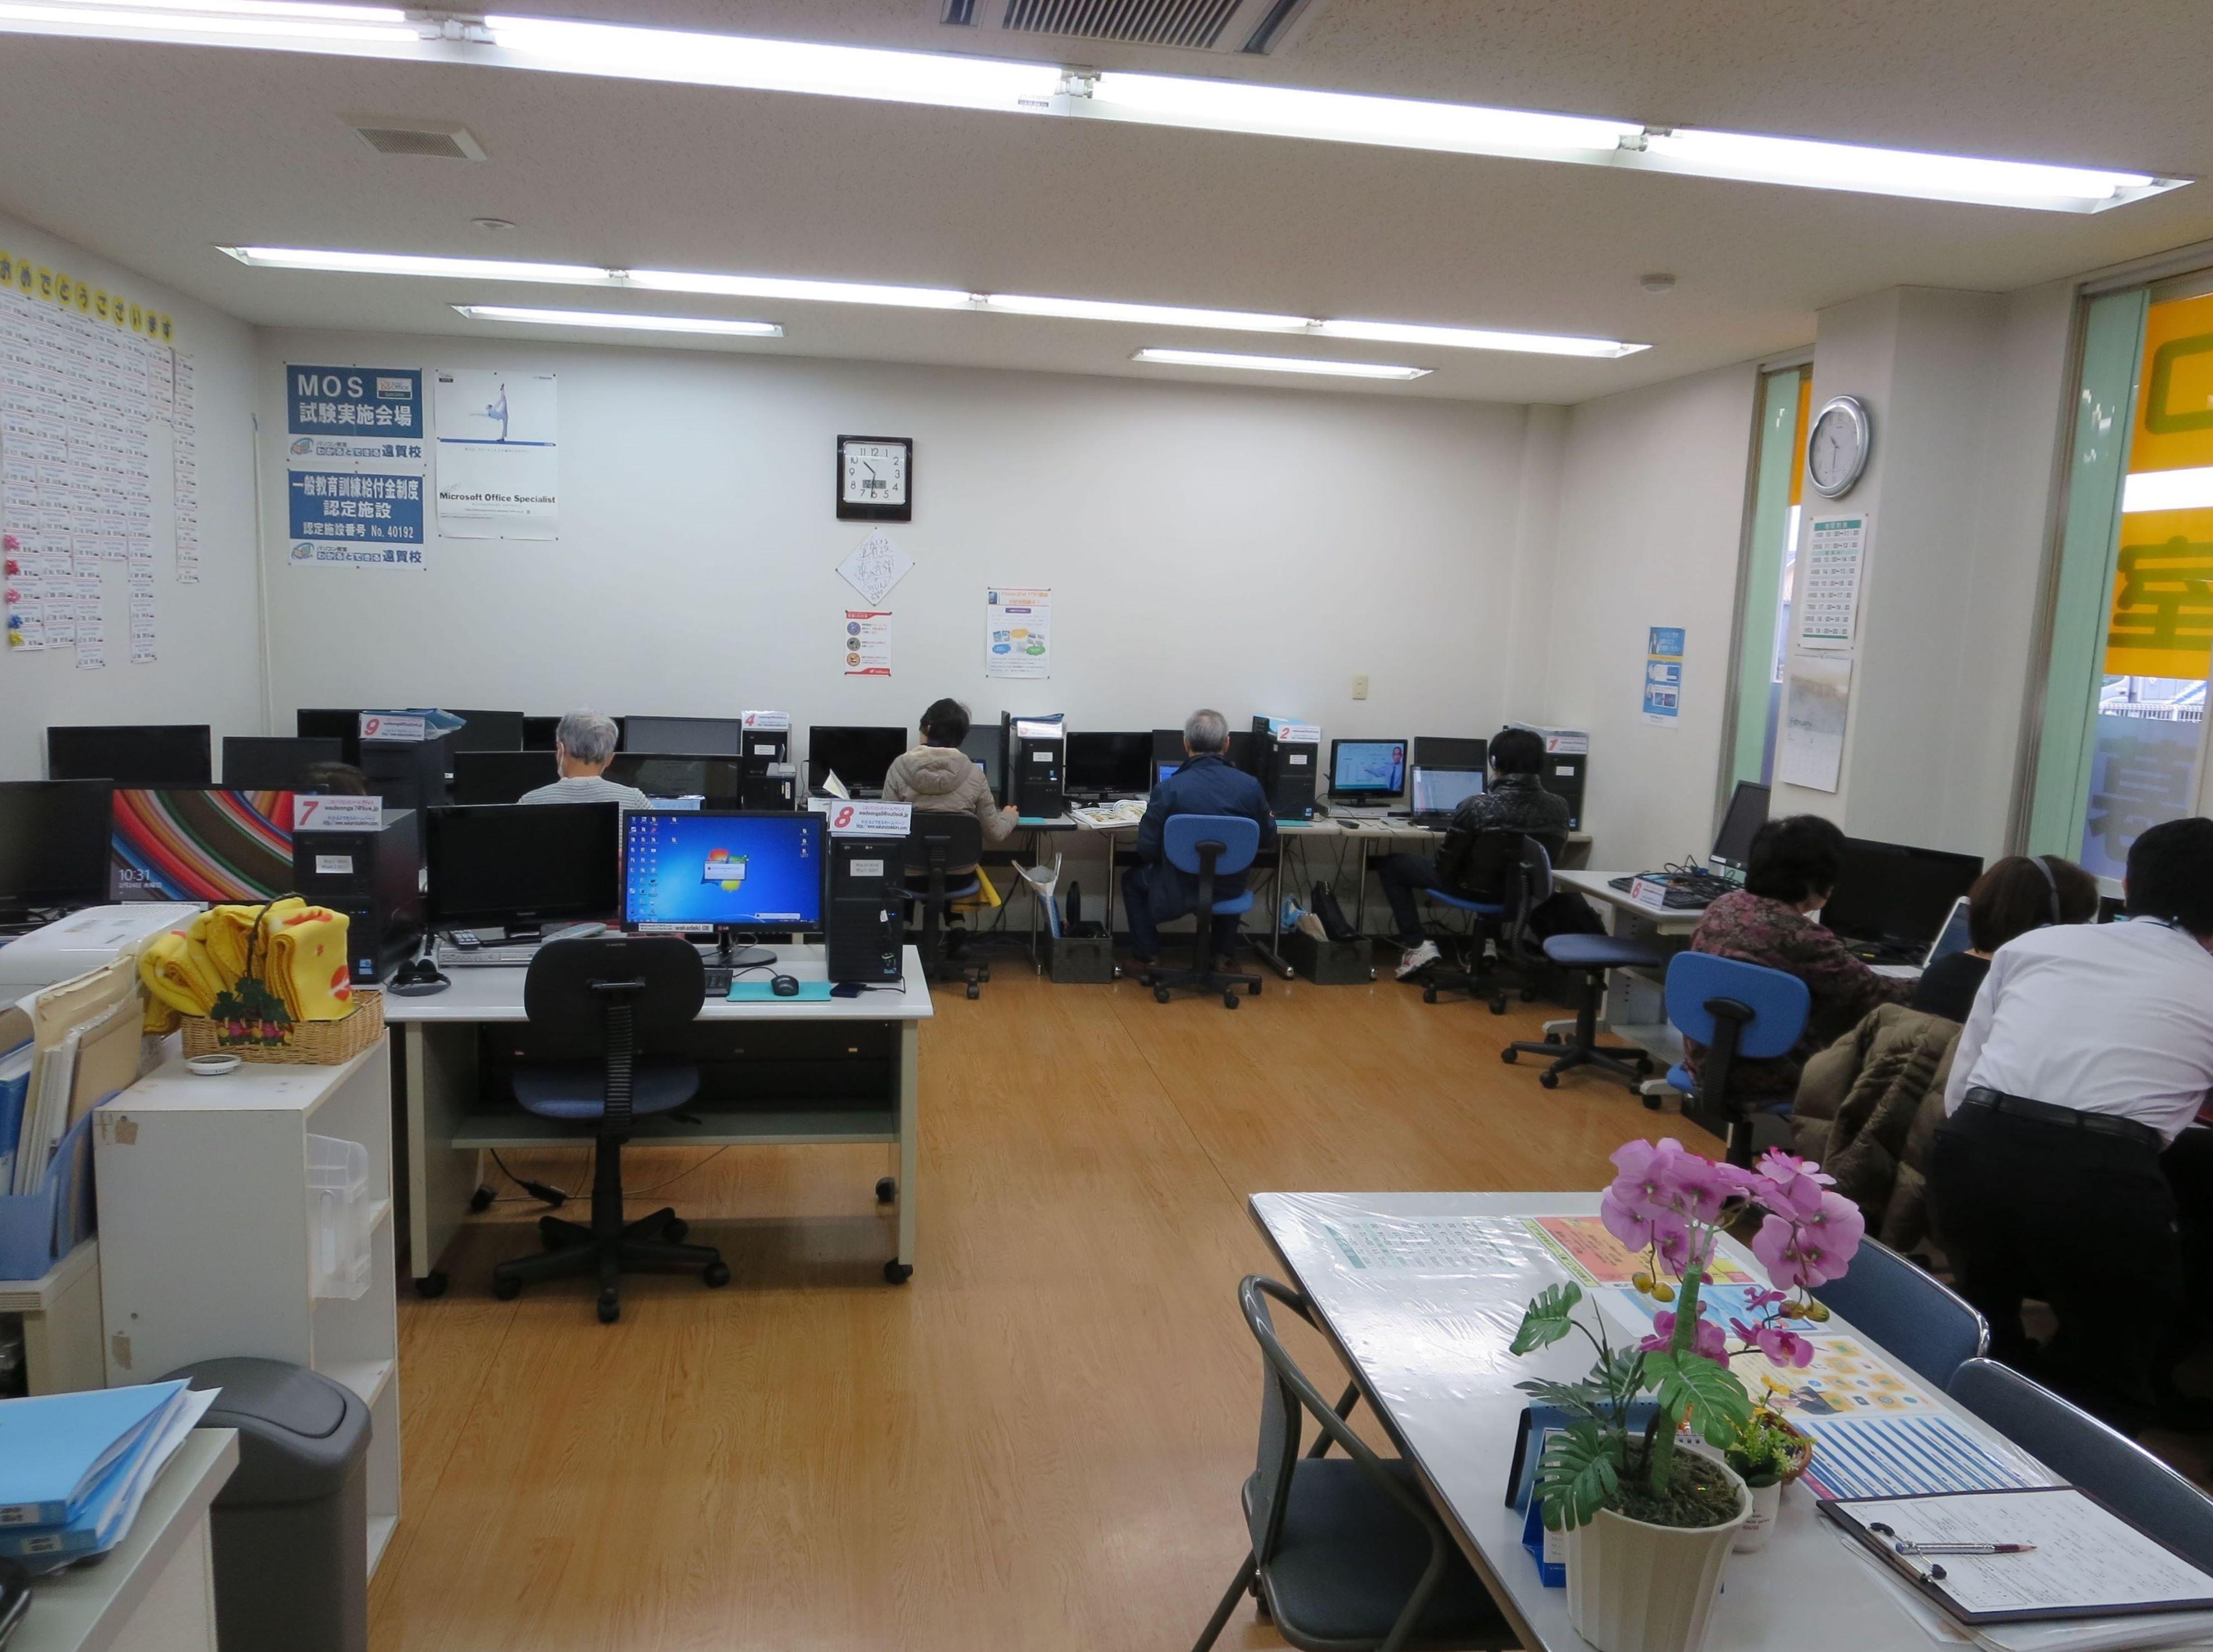 パソコン教室わかるとできる 古賀校 のアルバイト情報